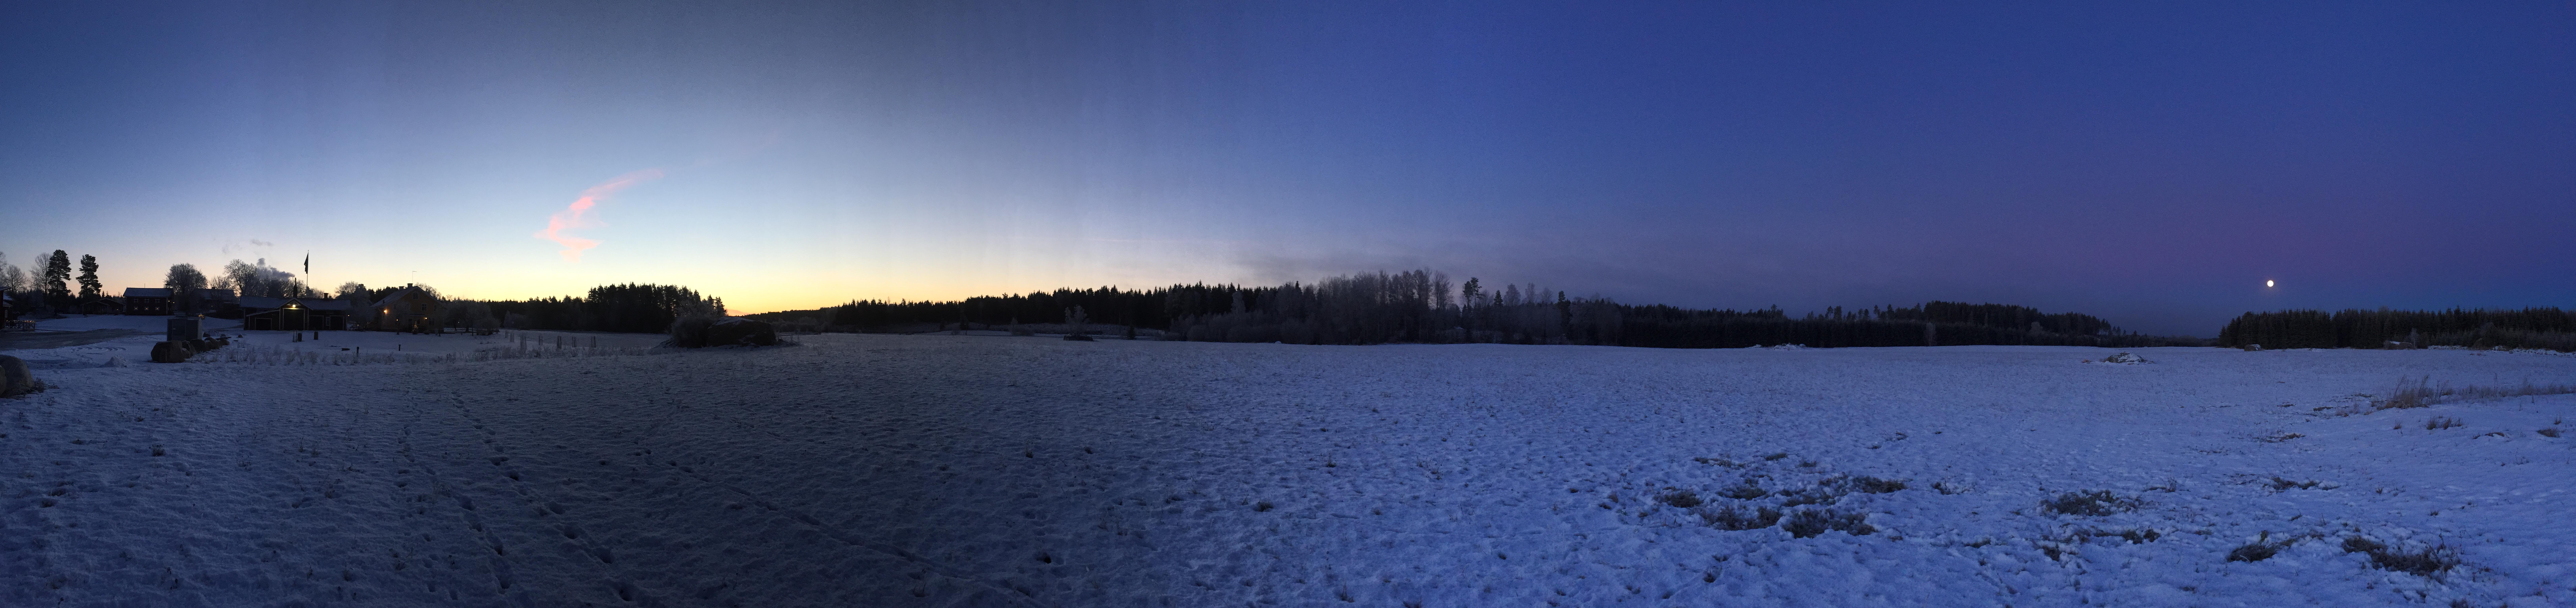 Panorama över Hökärr 15/12 2016. Solen på väg upp och månen lyser starkt.